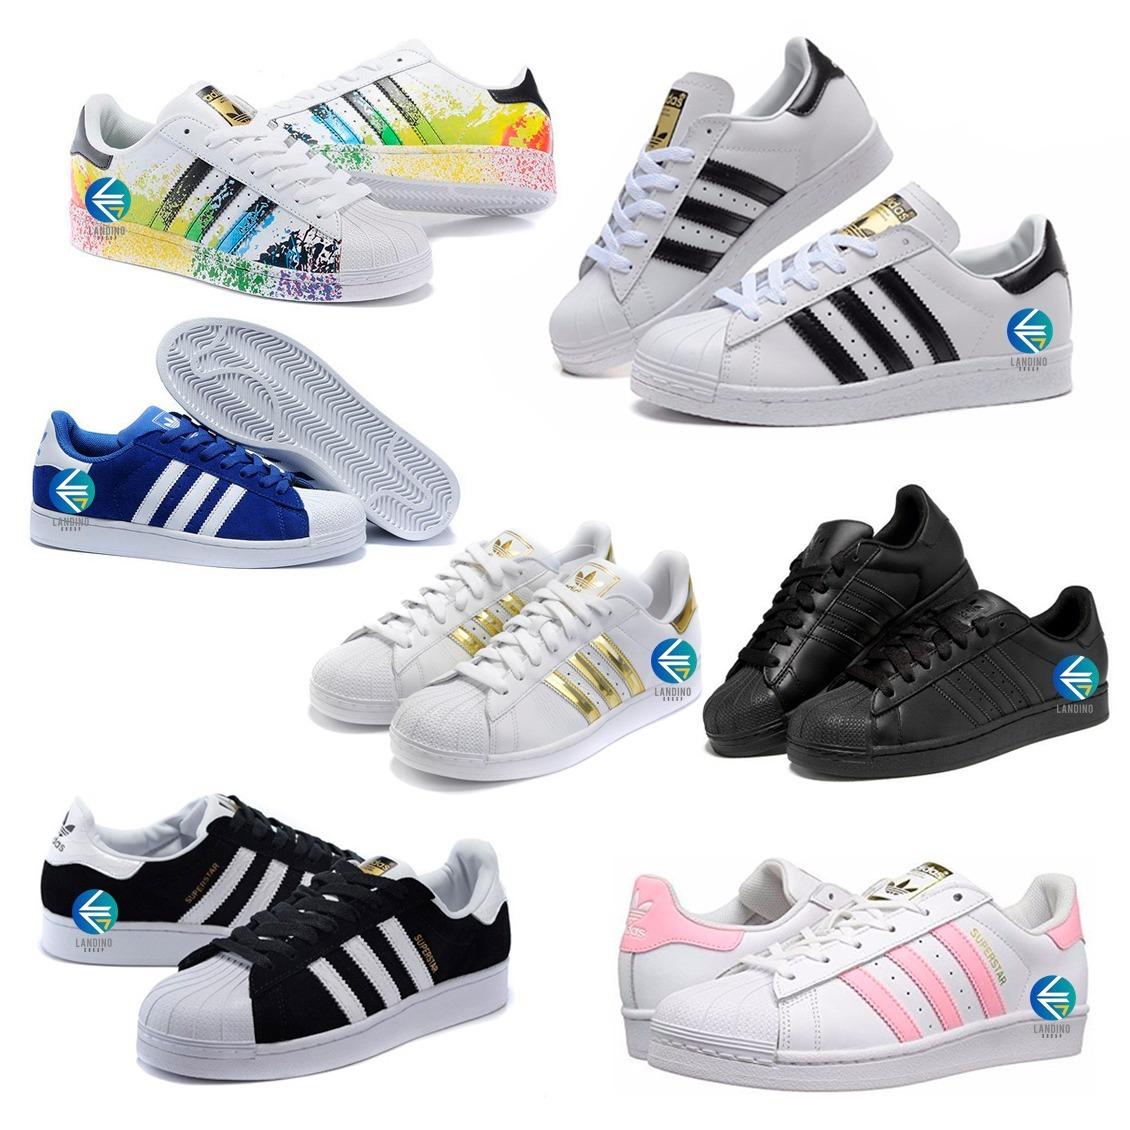 30a6839ba4f adidas superstar zapatillas importadas oferta indonesia. Cargando zoom.